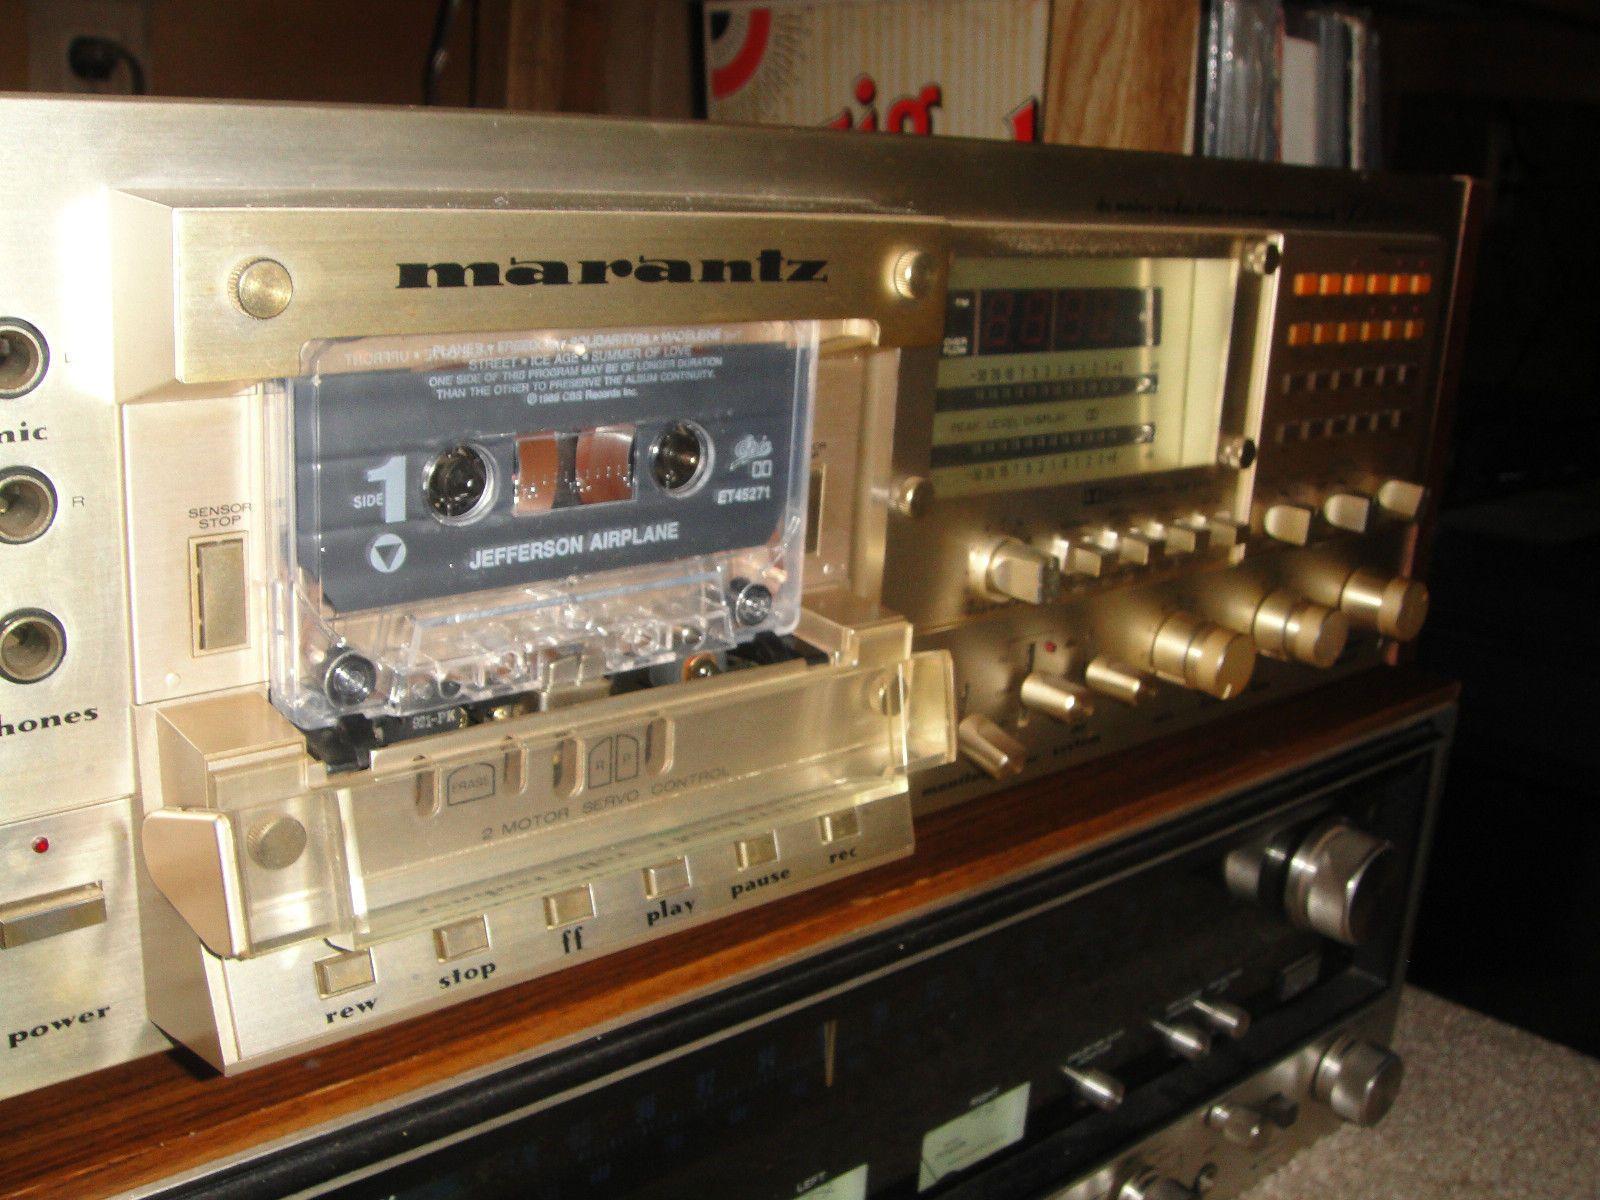 stereonomono: Marantz SR 9000G (1982)